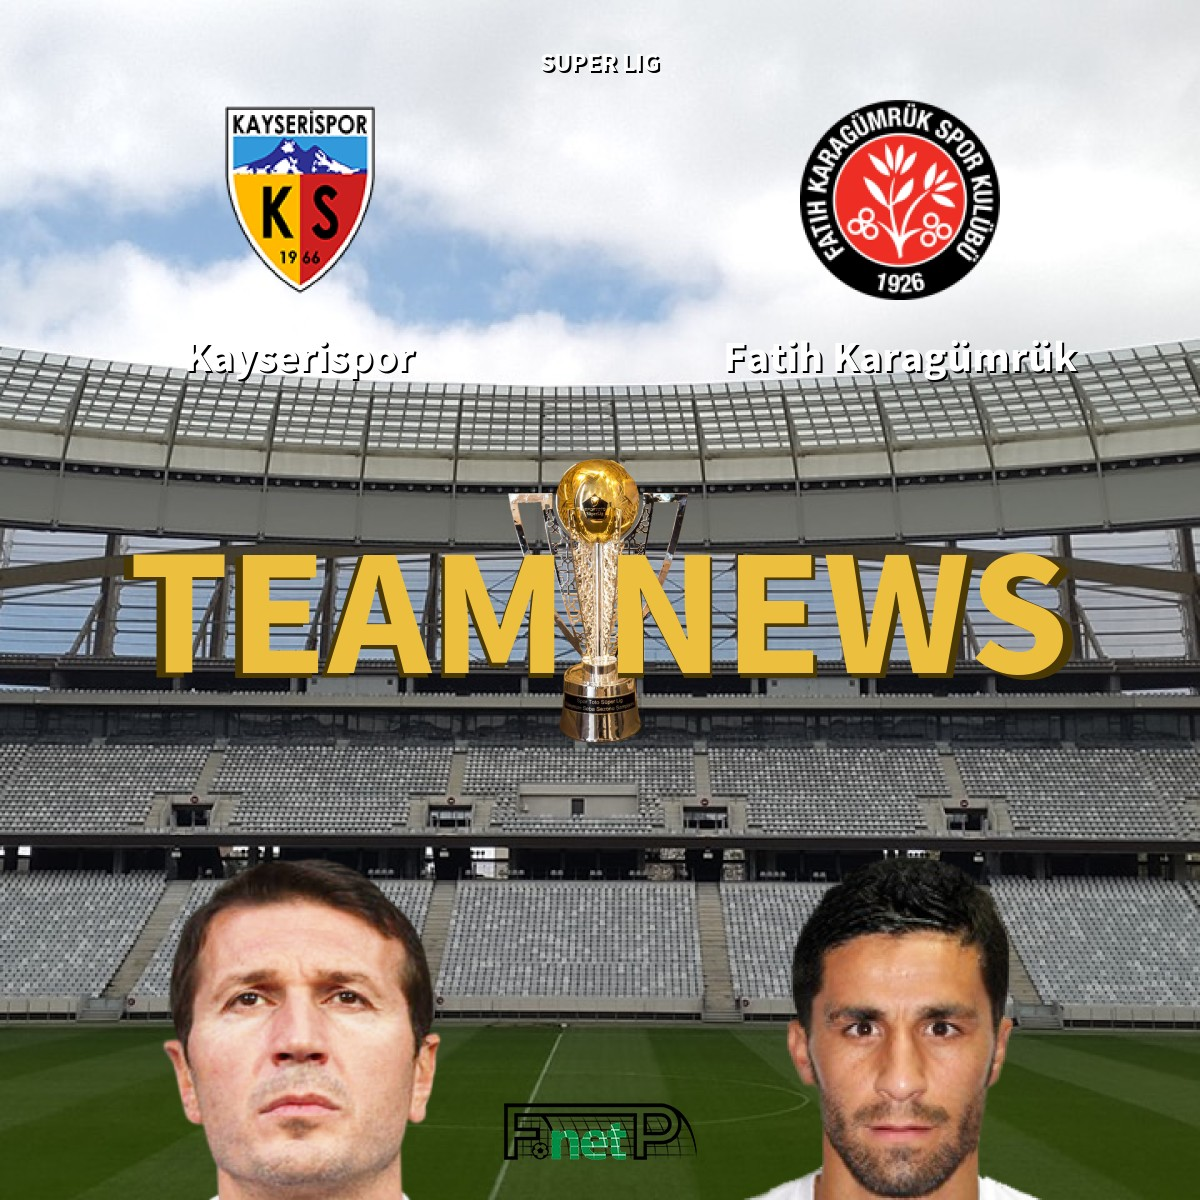 Super Lig News: Kayserispor vs Fatih Karagümrük Confirmed Line-ups